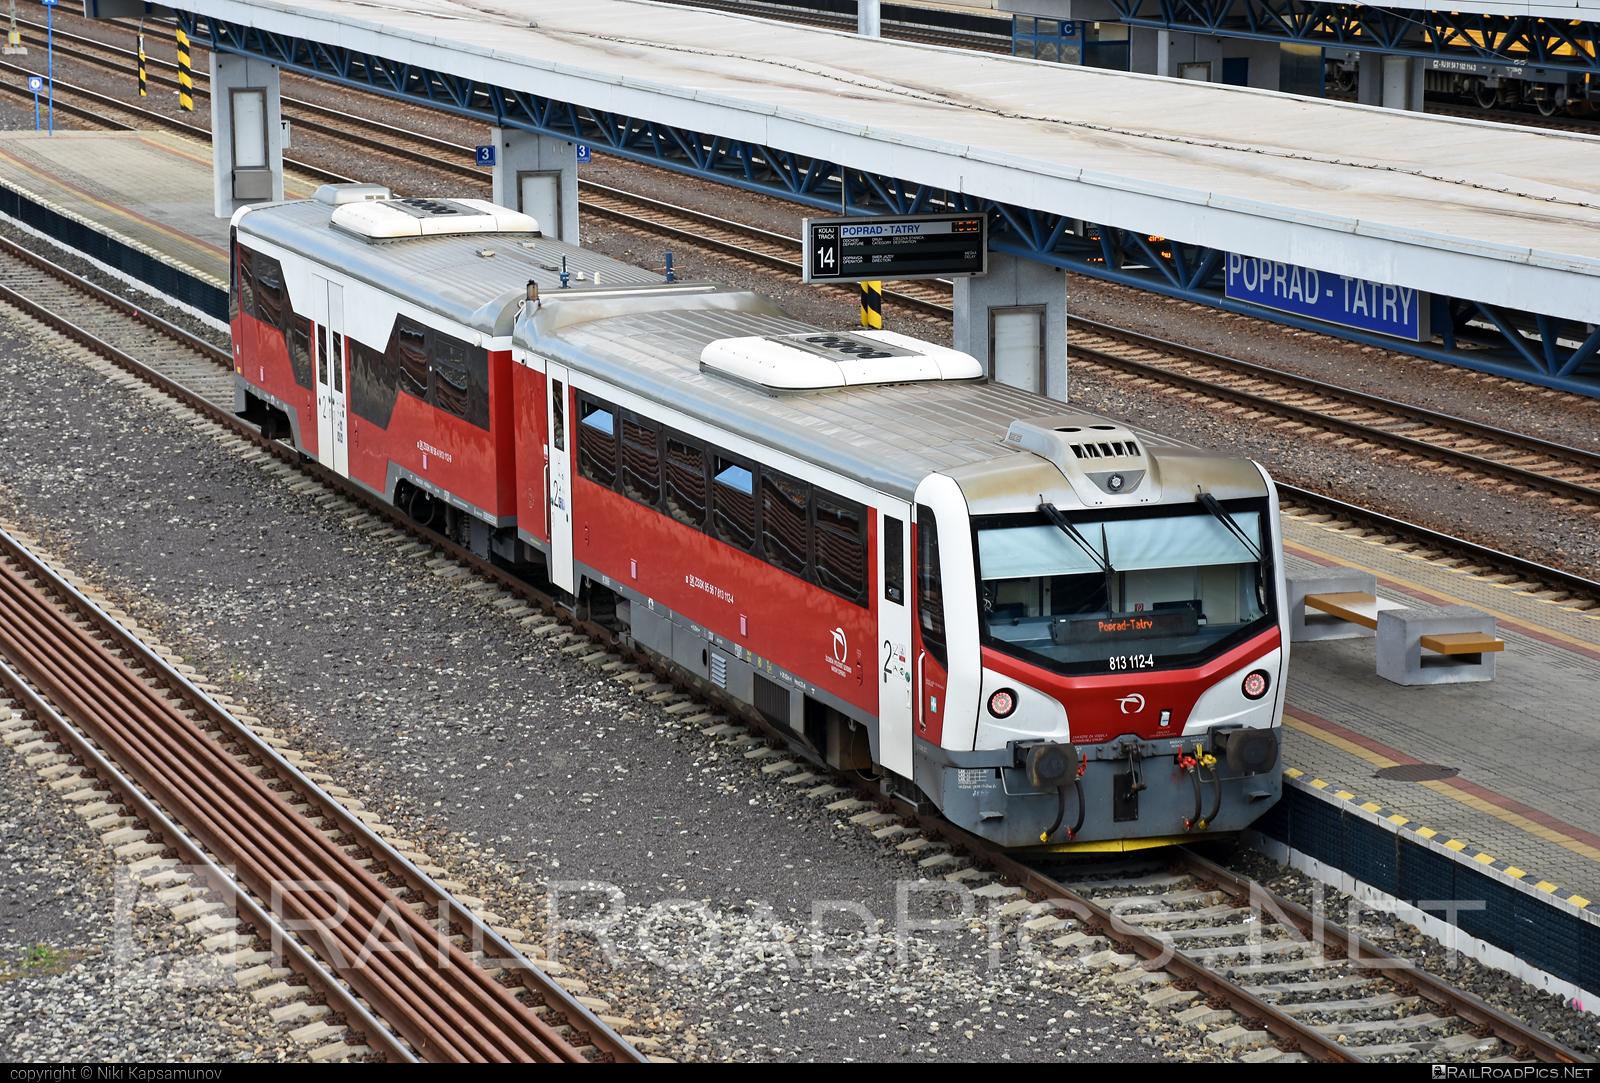 ŽOS Zvolen Class 813.1 - 813 112-4 operated by Železničná Spoločnost' Slovensko, a.s. #ZeleznicnaSpolocnostSlovensko #mravec #zoszvolen #zoszvolen8131 #zssk